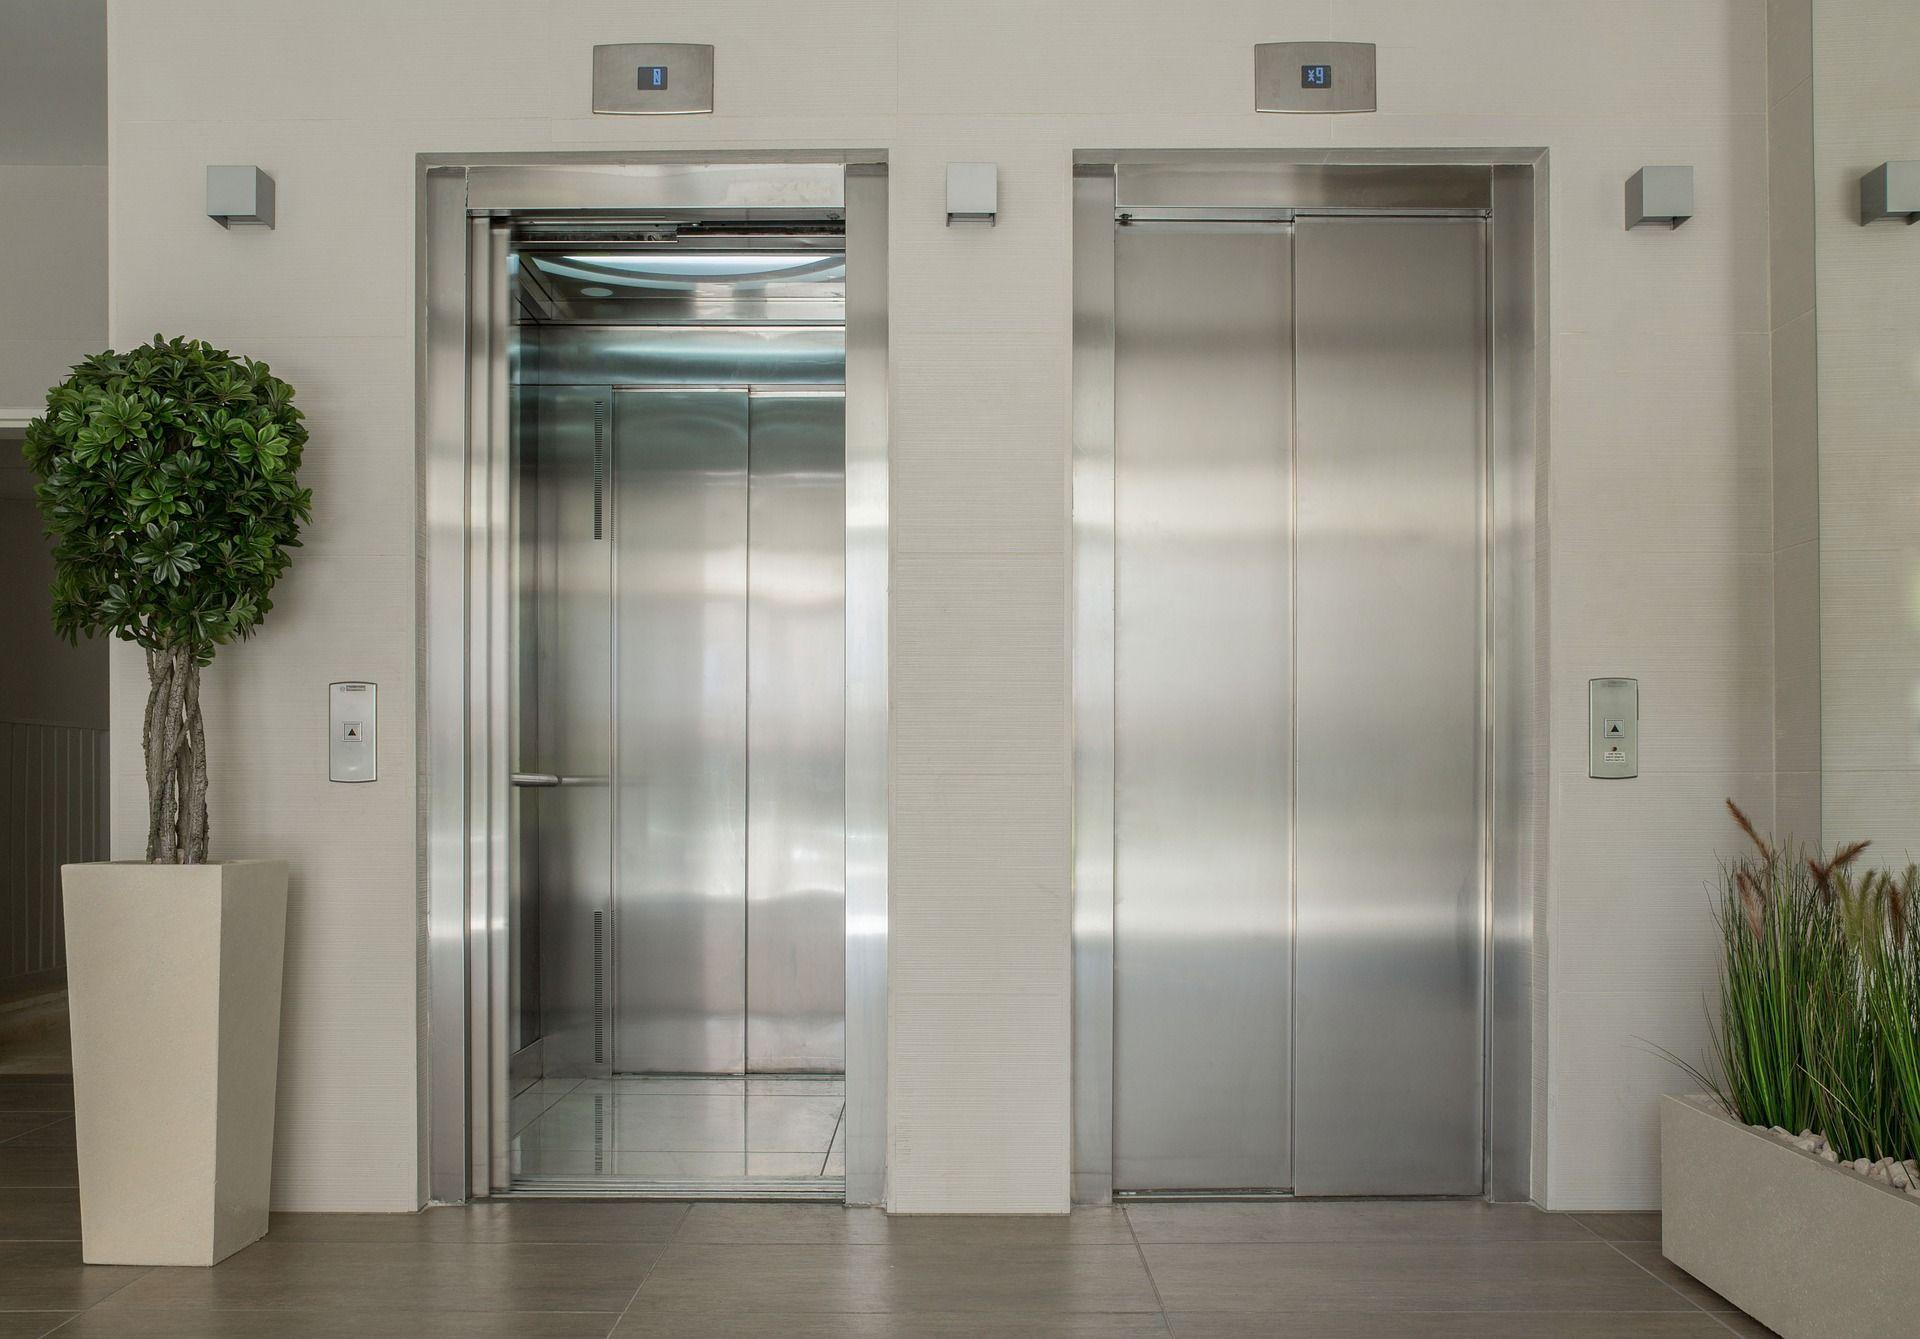 Rehabilitació d'ascensor. FOTO: Propia